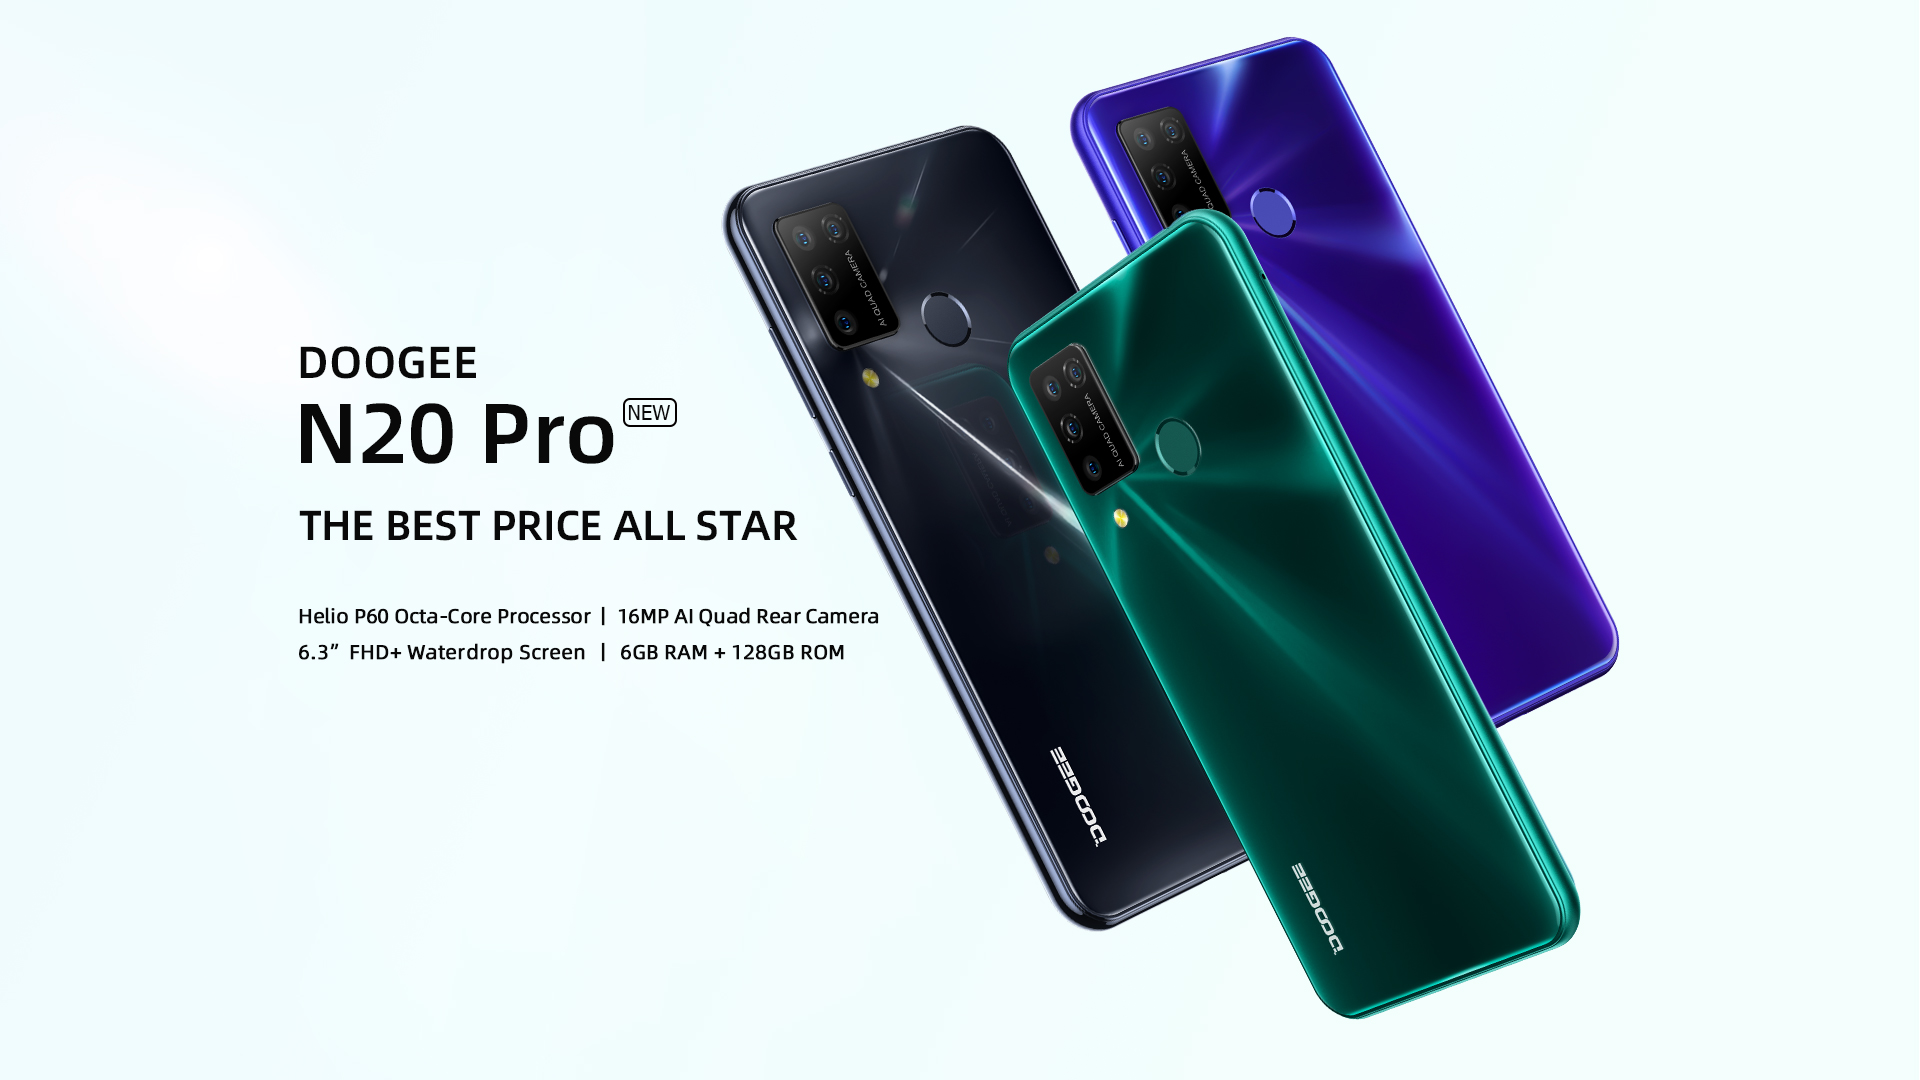 Buy Doogee N20 Pro